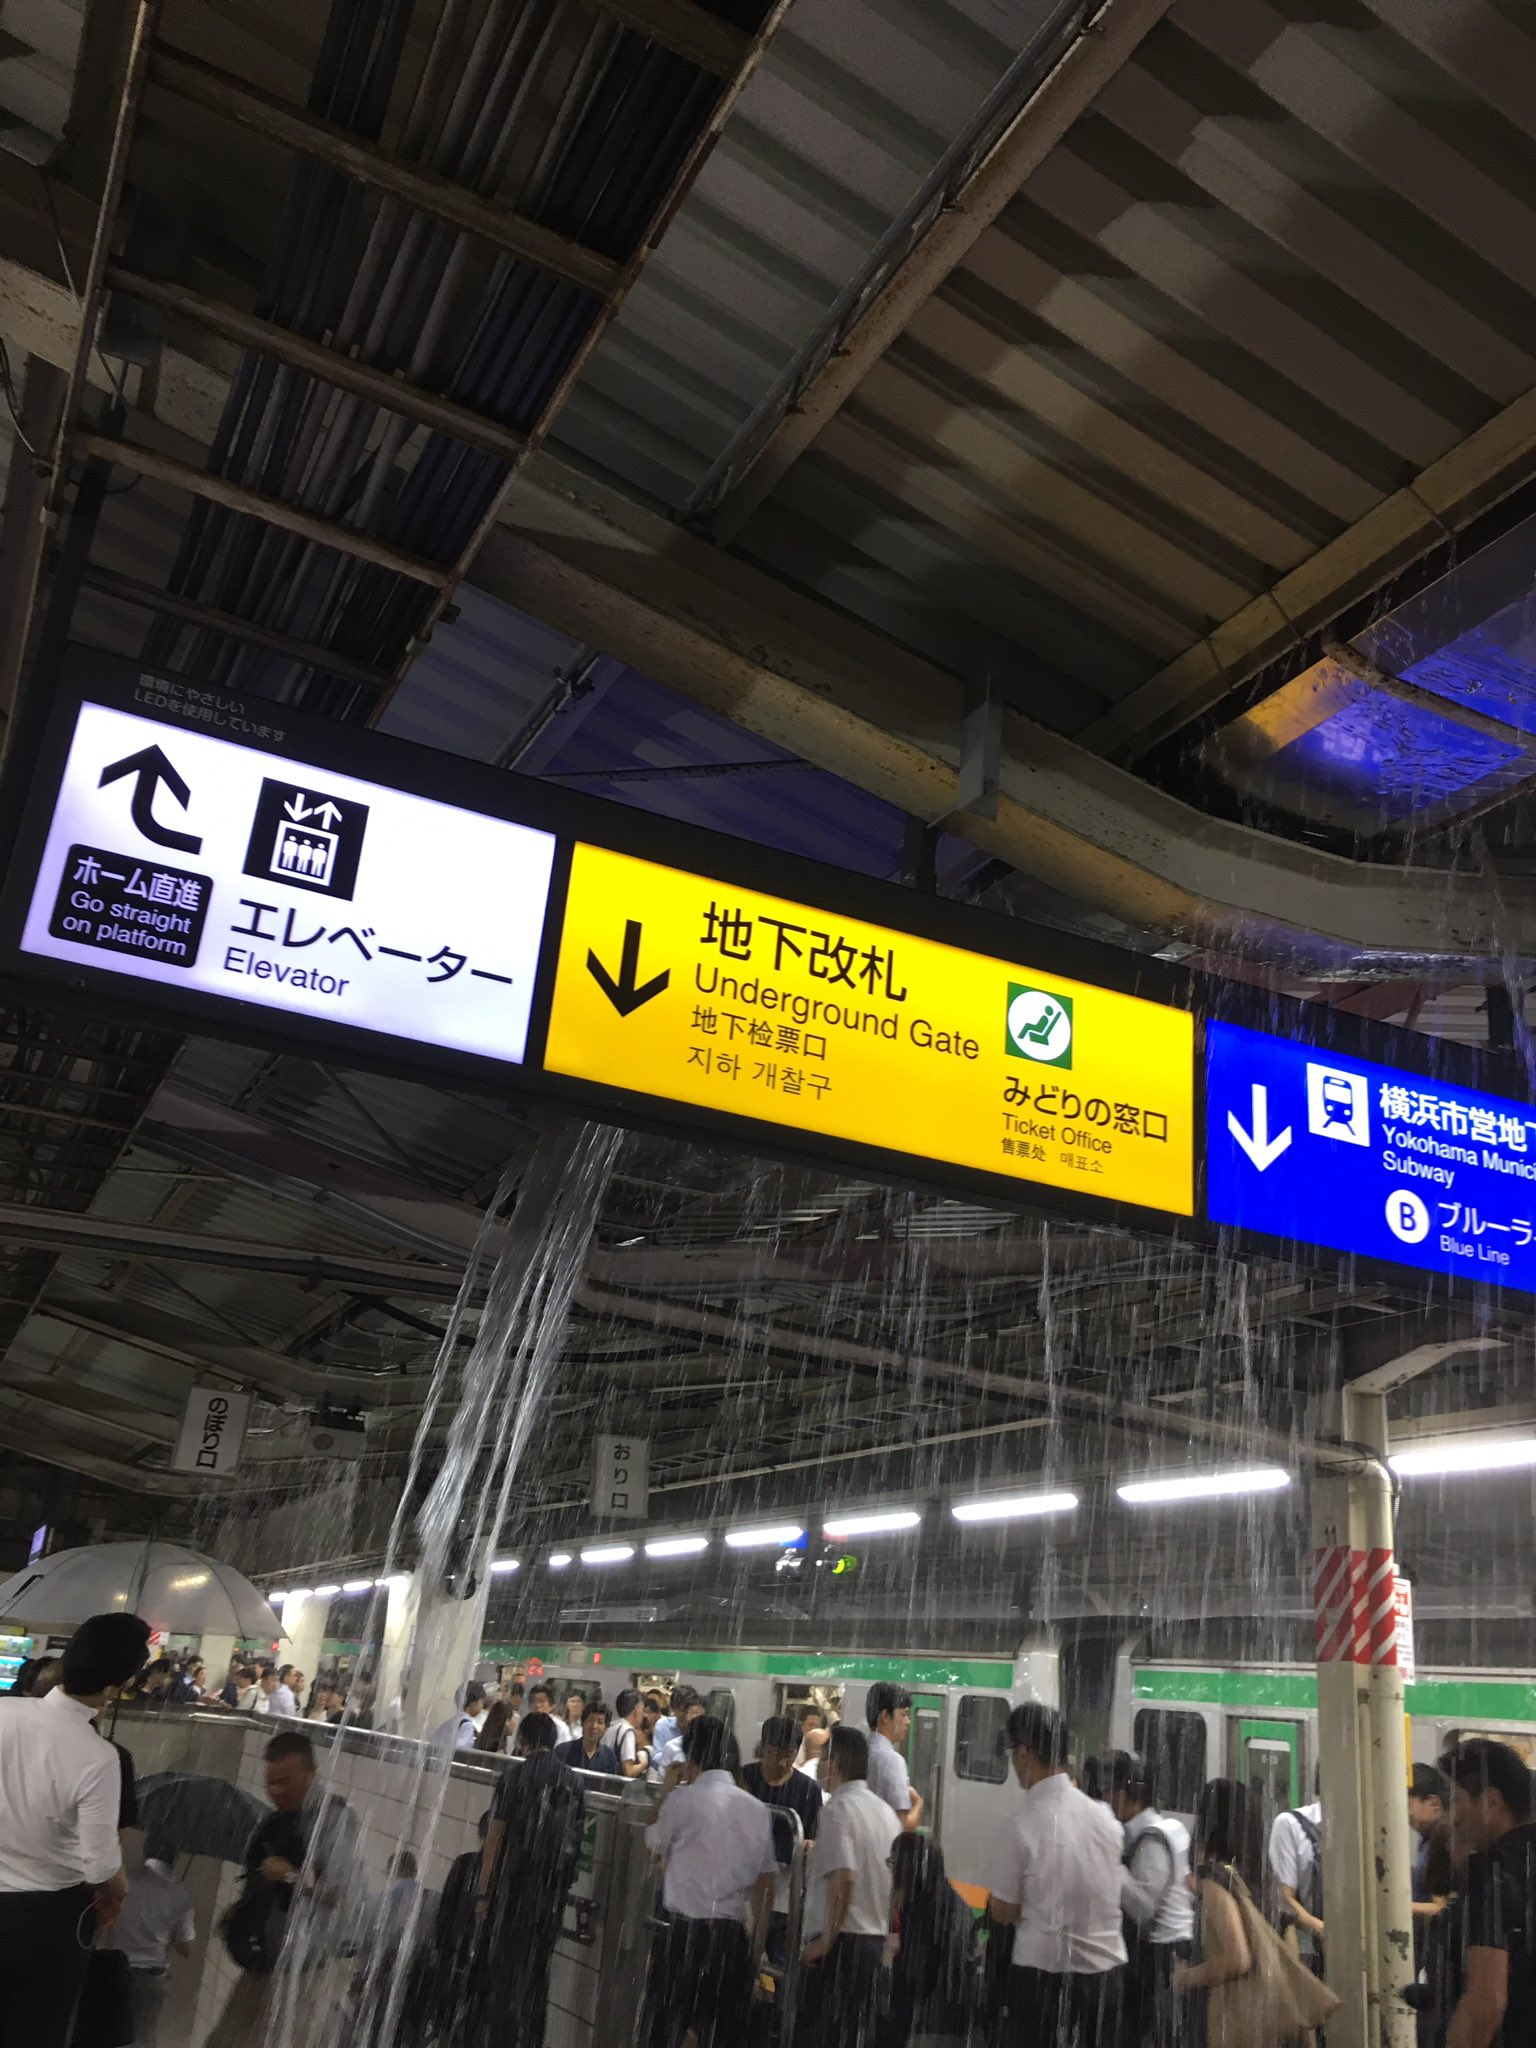 戸塚駅のホームが雨漏りで騒然としている現場の画像